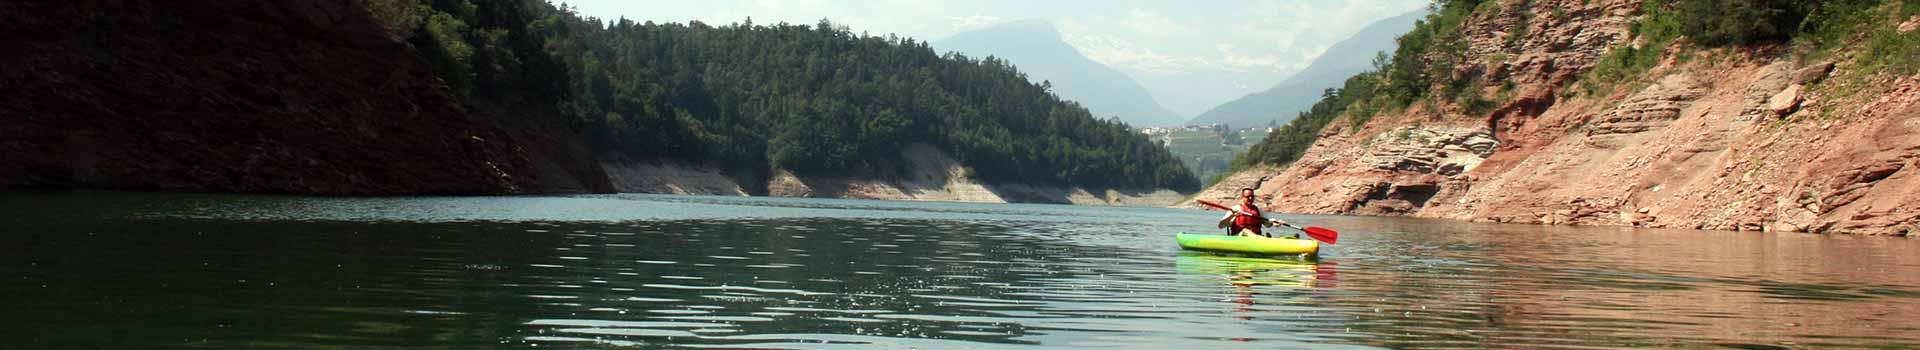 canoa sul lago Santa Giustina